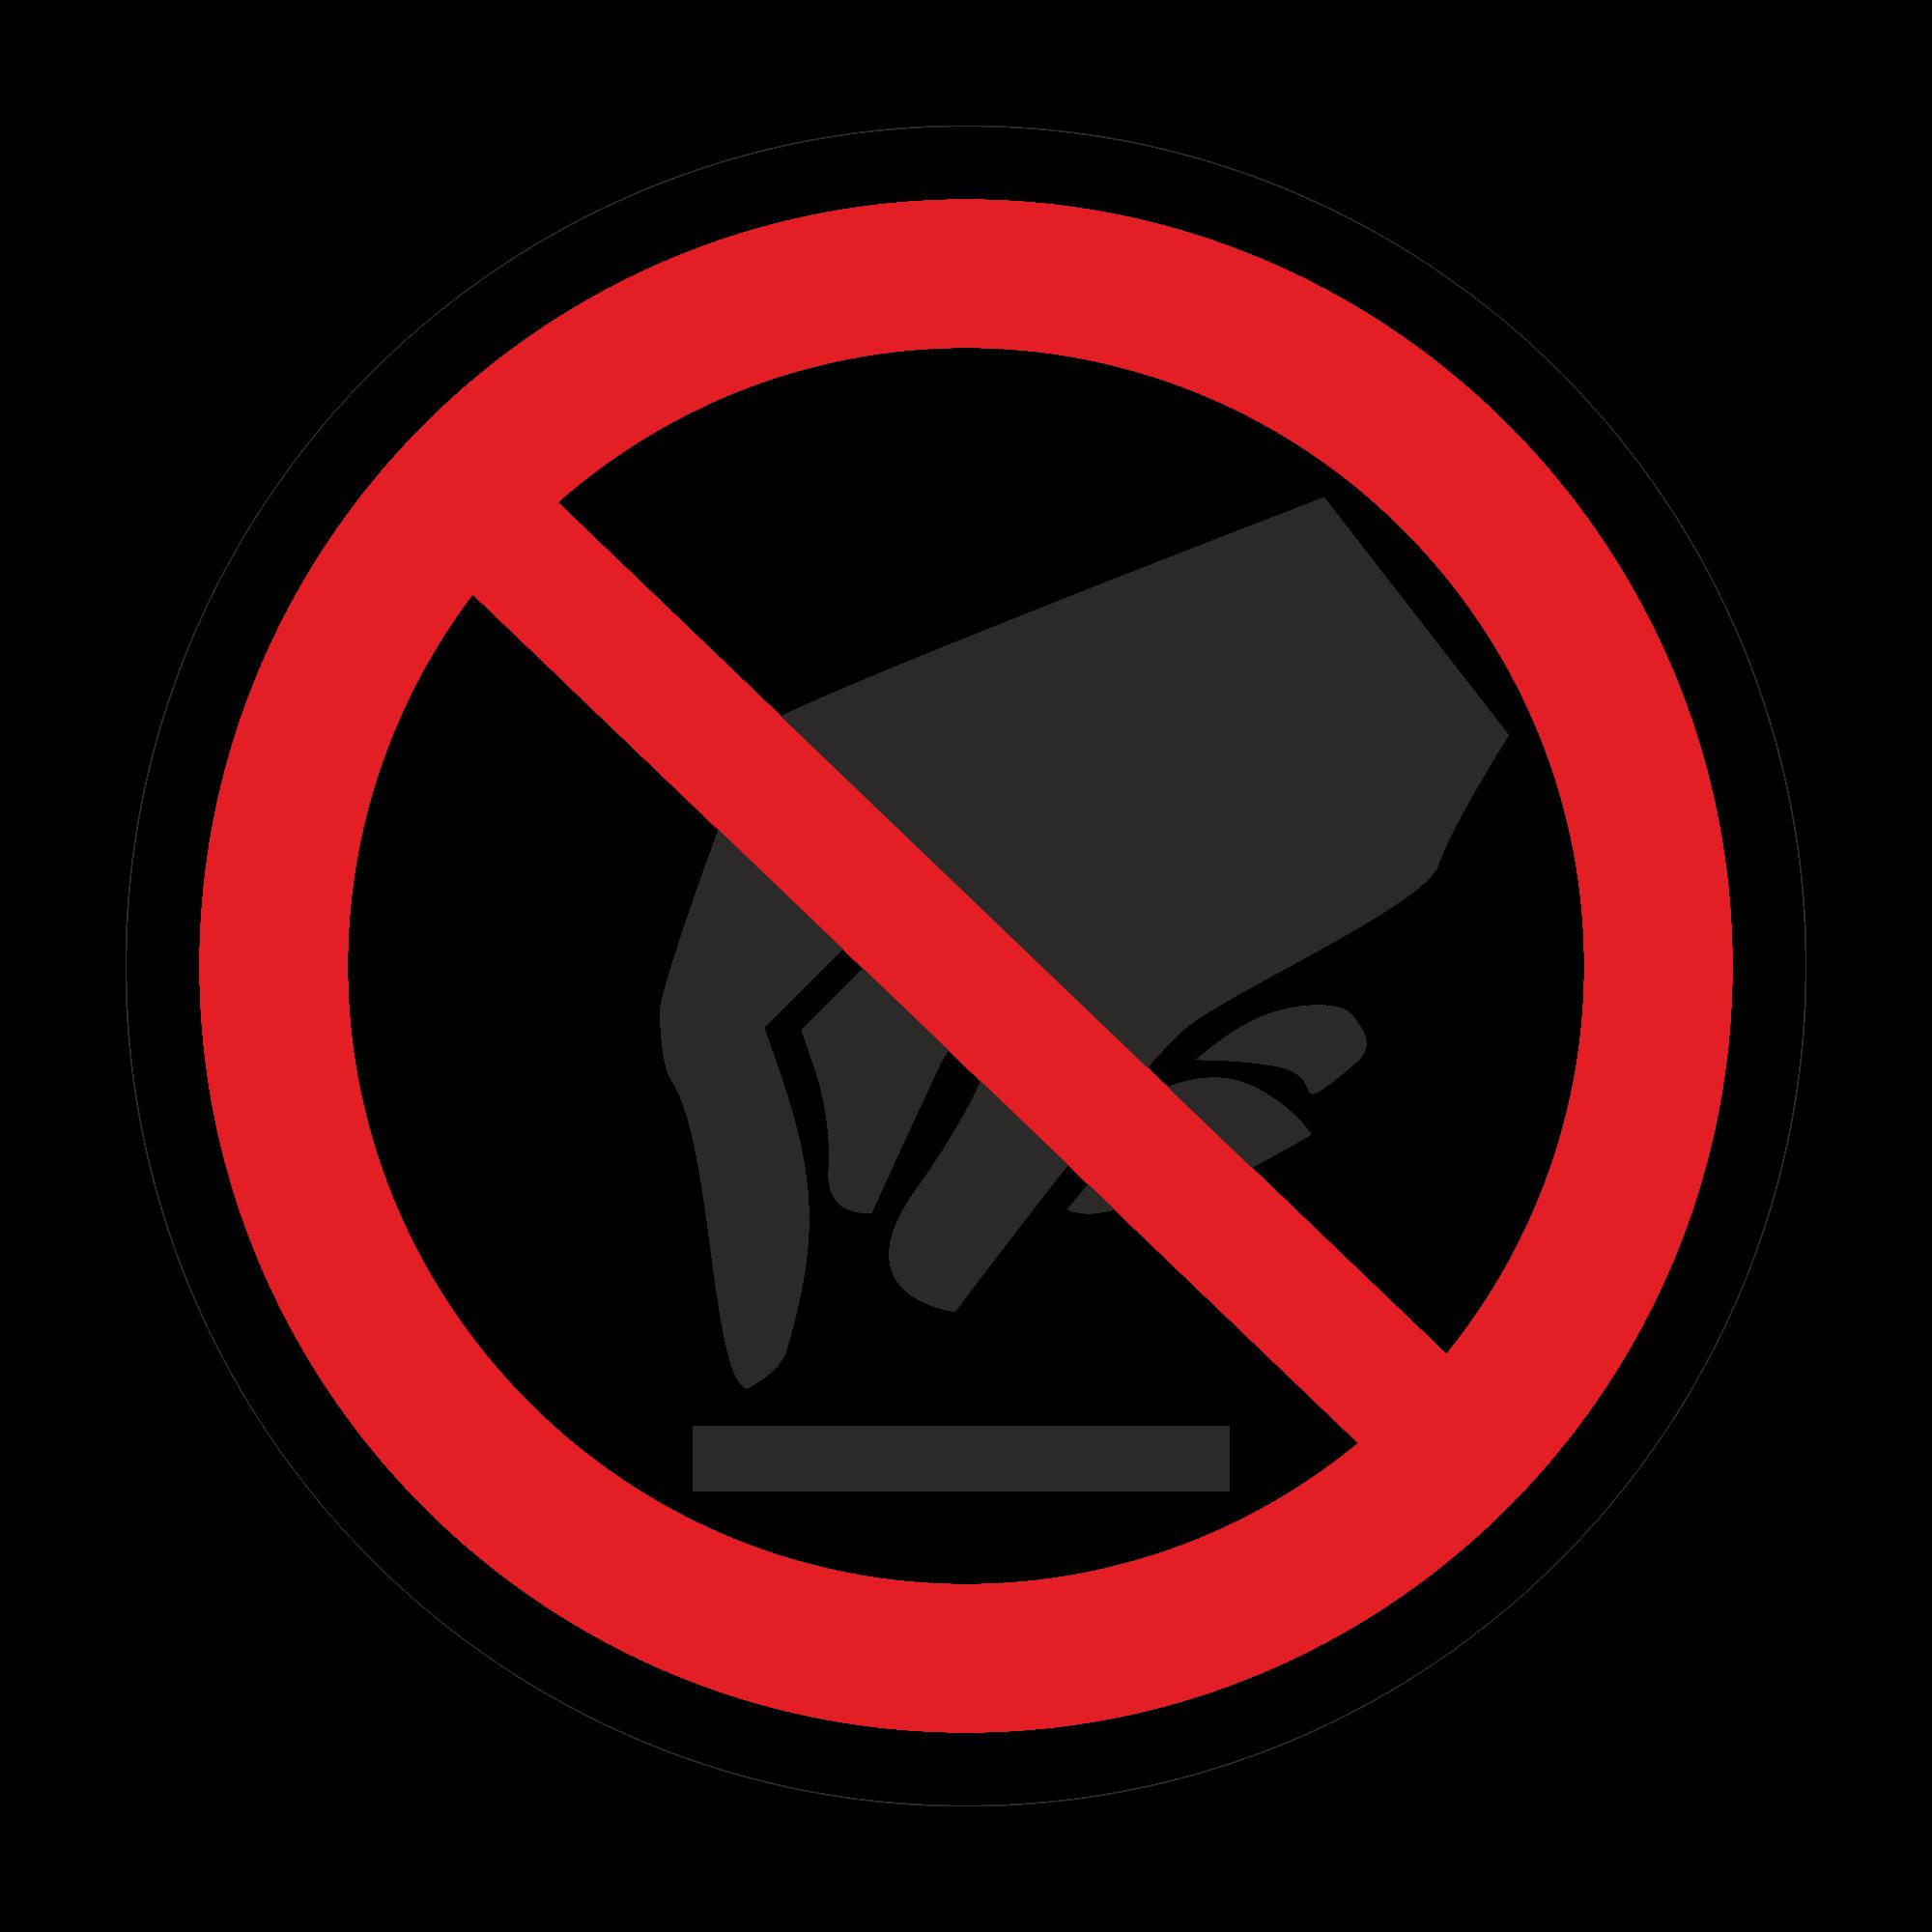 Р08 Запрещается прикасаться. Опасно